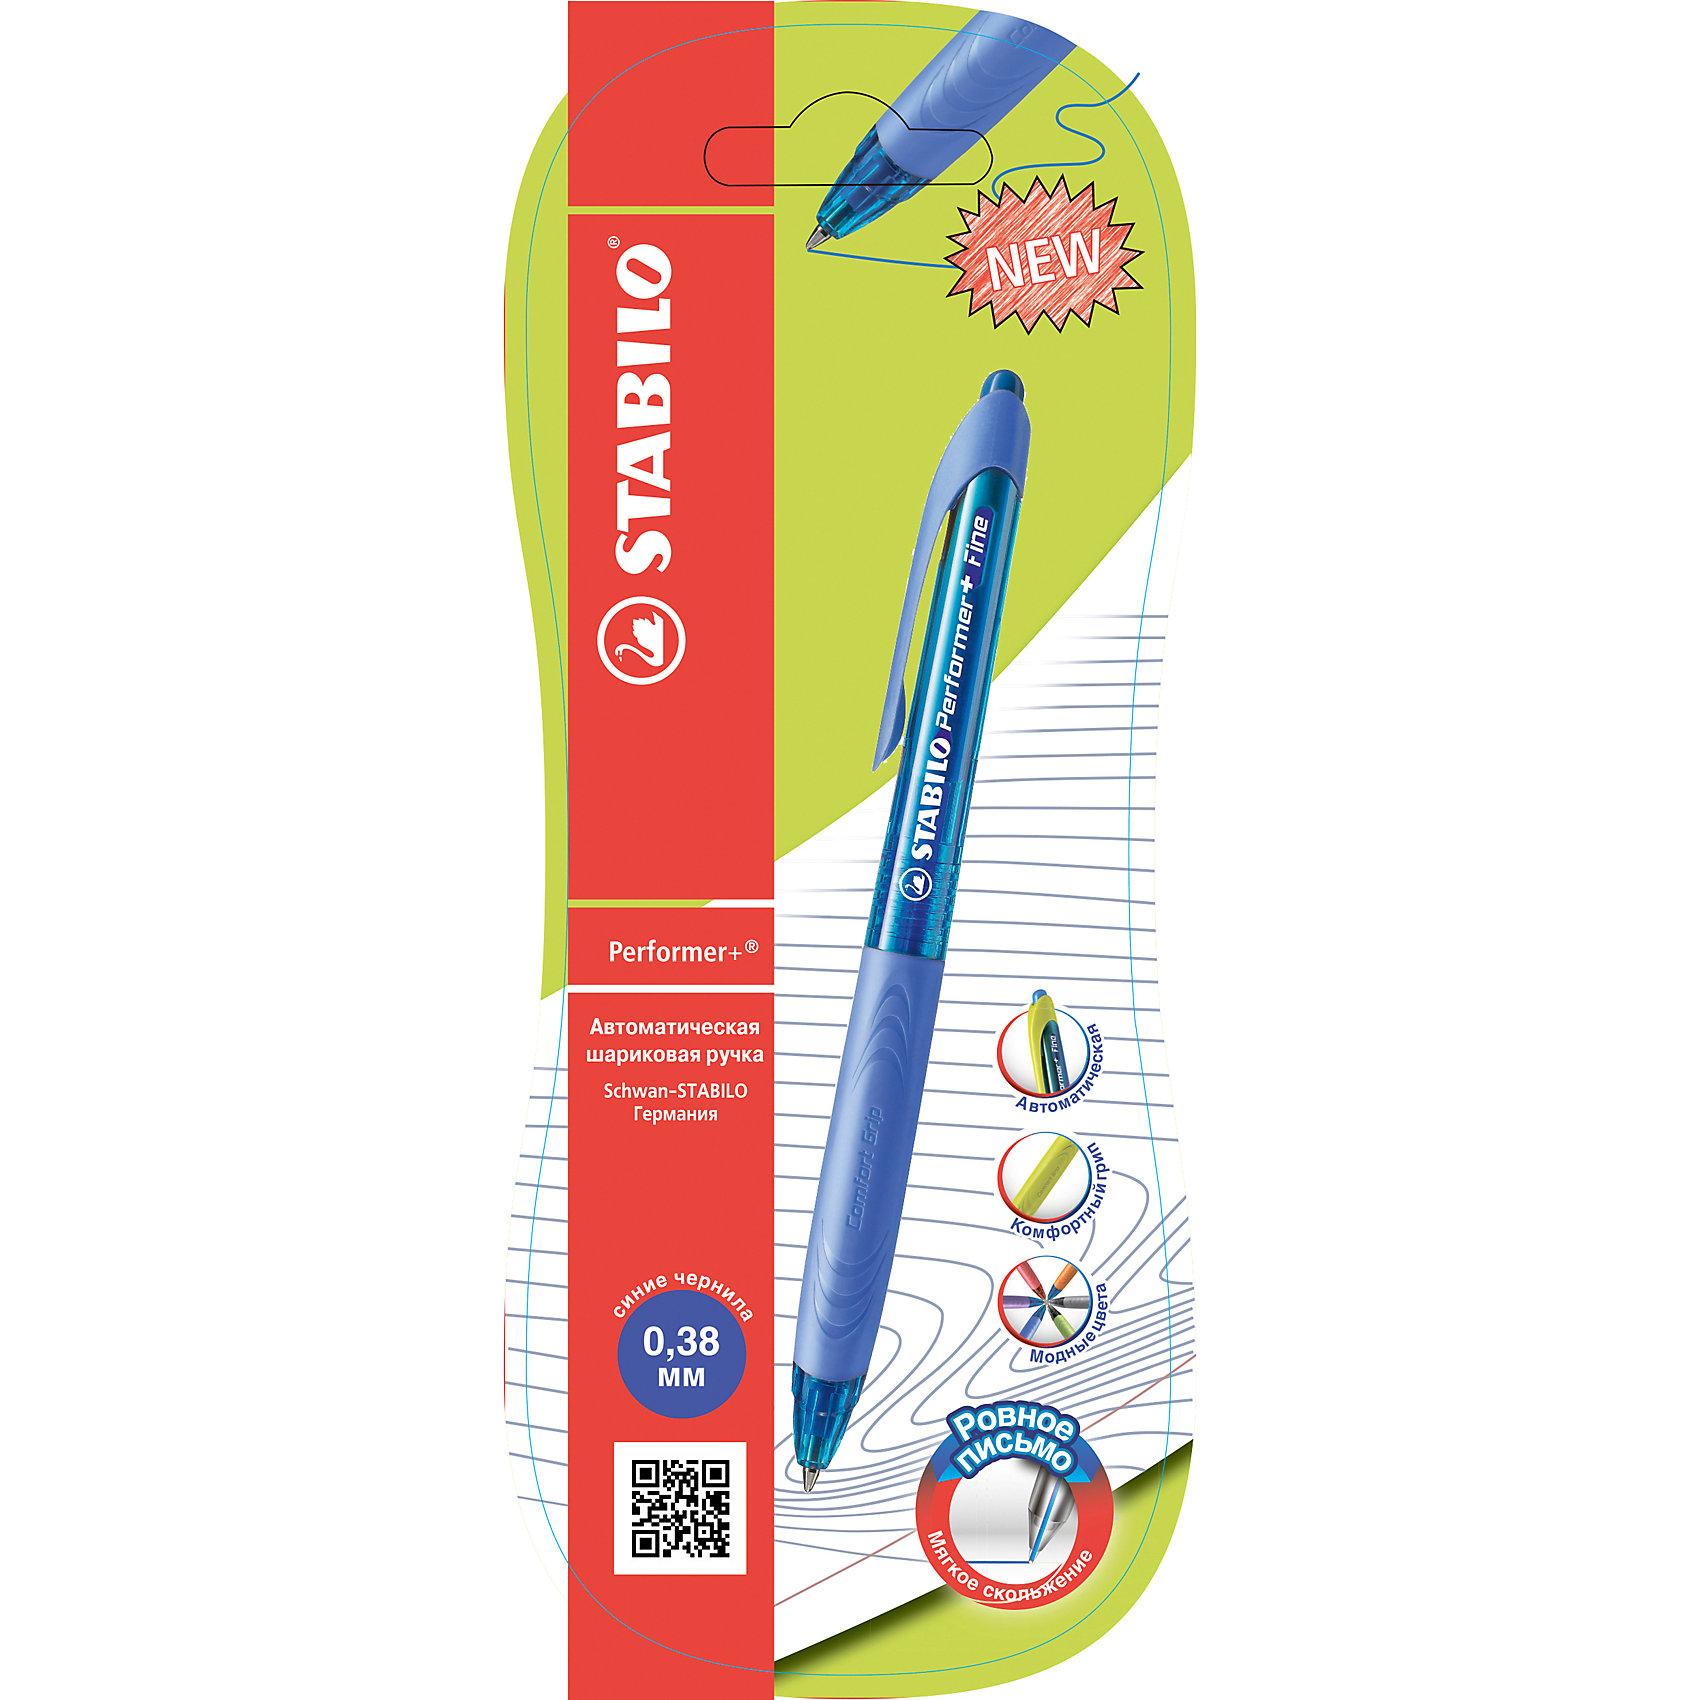 Ручка шариковая PERFORMER+ 1шт синяя 0,3ммПисьменные принадлежности<br>Характеристики:<br><br>• возраст: от 3 лет<br>• в наборе: 1 автоматическая ручка<br>• цвет чернил: синий<br>• толщина линии: 0,3 мм.<br>• размер упаковки: 20х7 см.<br><br>Автоматическая шариковая ручка Performer с привлекательным дизайном и ярким цветовым решением корпуса. Ручку отличает усовершенствованный состав масляных чернил, что обеспечивает невероятную мягкость и скорость письма. Рифленая зона обхвата фиксирует пальцы, предотвращая их скольжение, и снижает напряжение кисти при письме.<br><br>Ручку шариковую PERFORMER+ 1шт синюю 0,3мм можно купить в нашем интернет-магазине.<br><br>Ширина мм: 20<br>Глубина мм: 7<br>Высота мм: 1<br>Вес г: 14<br>Возраст от месяцев: 36<br>Возраст до месяцев: 2147483647<br>Пол: Унисекс<br>Возраст: Детский<br>SKU: 6873773